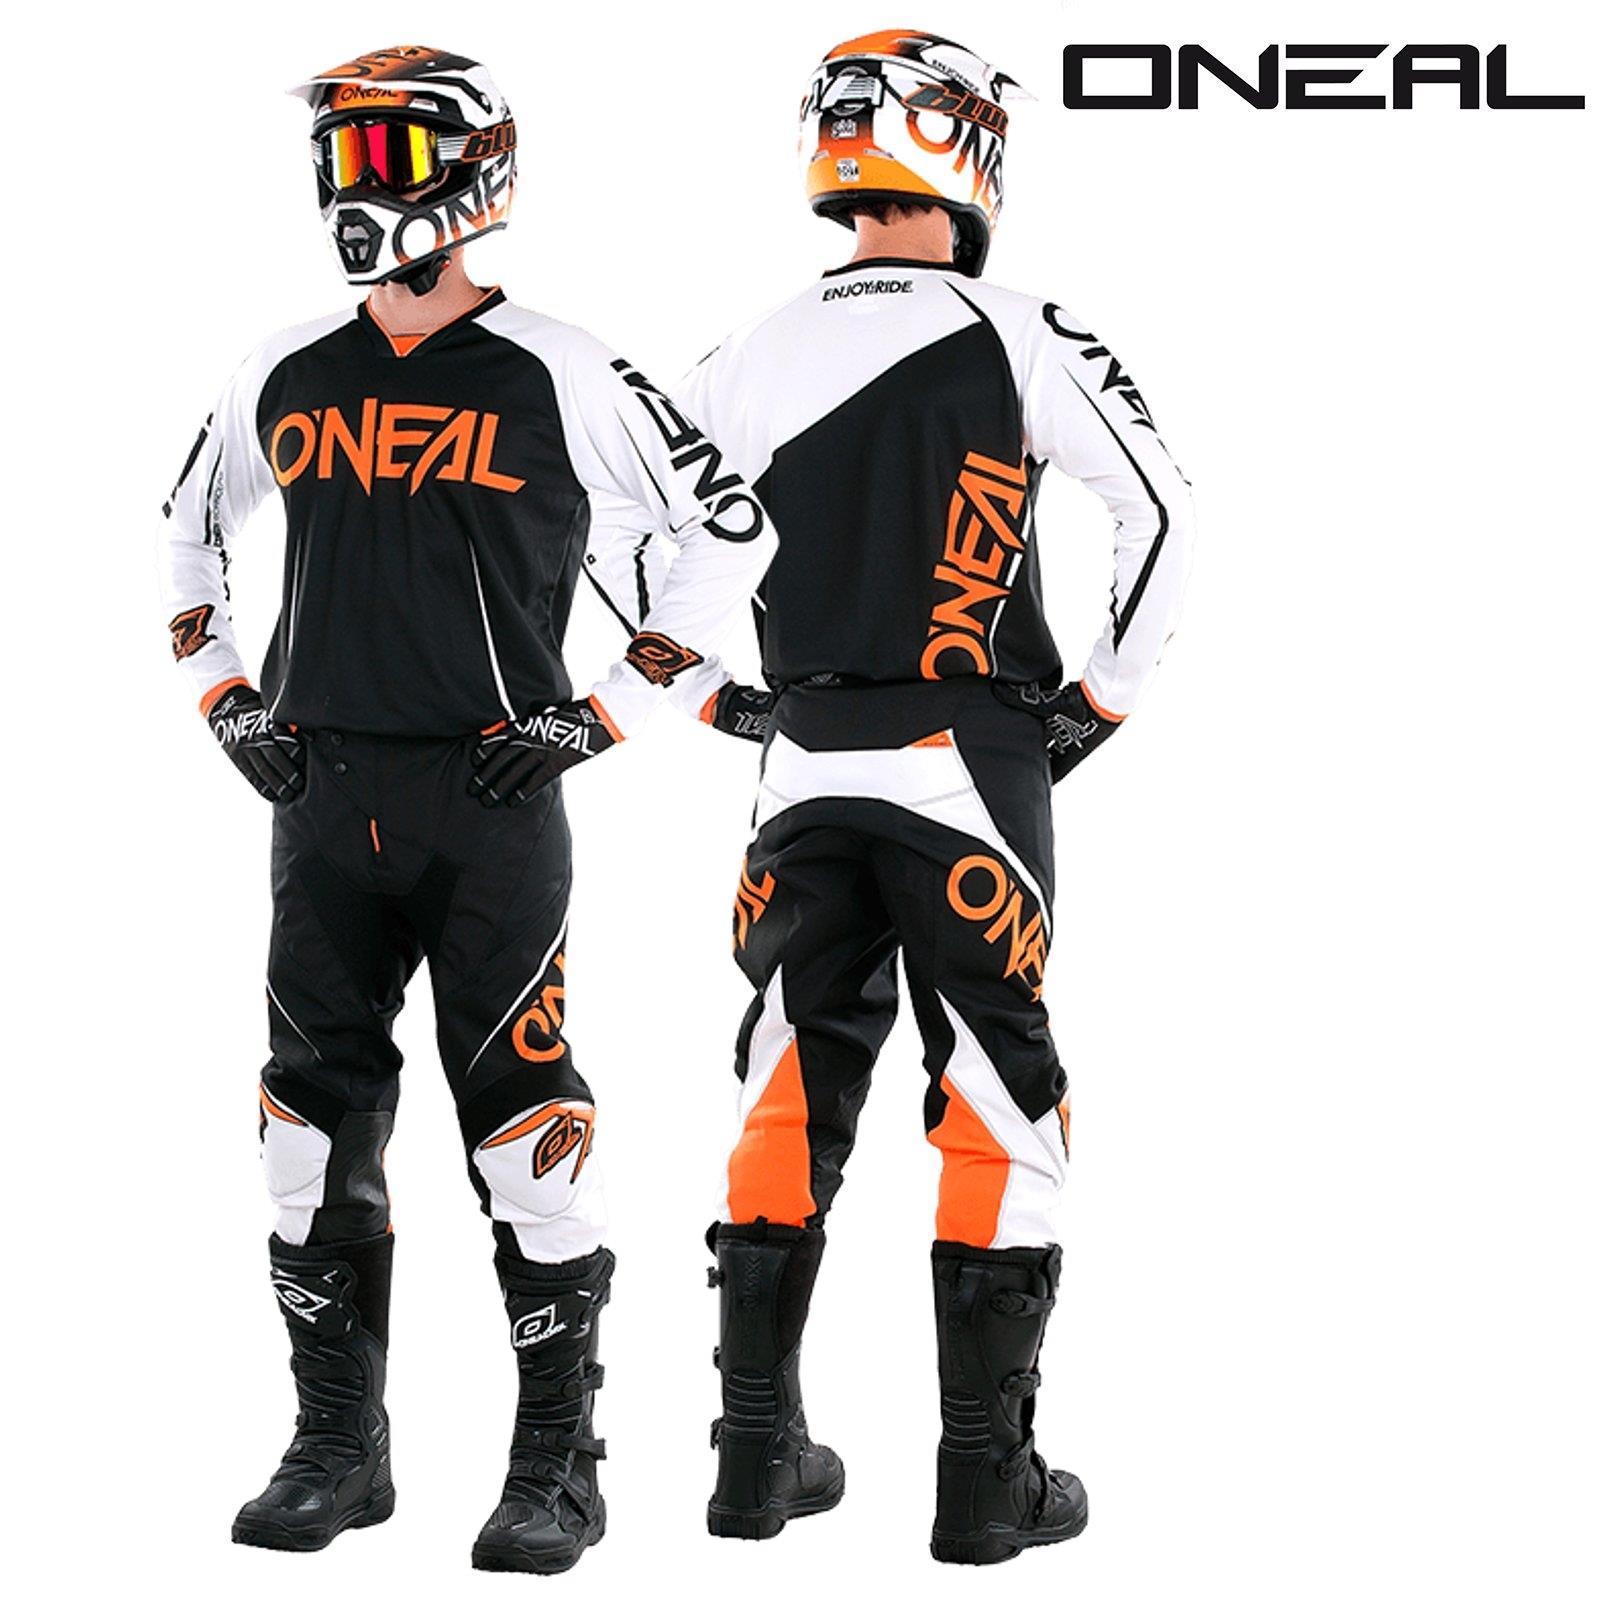 O-039-neal-Mayhem-Lite-Jersey-pantalones-combo-bloqueador-motocross-MX-quad-todoterreno-MTB-DH miniatura 2